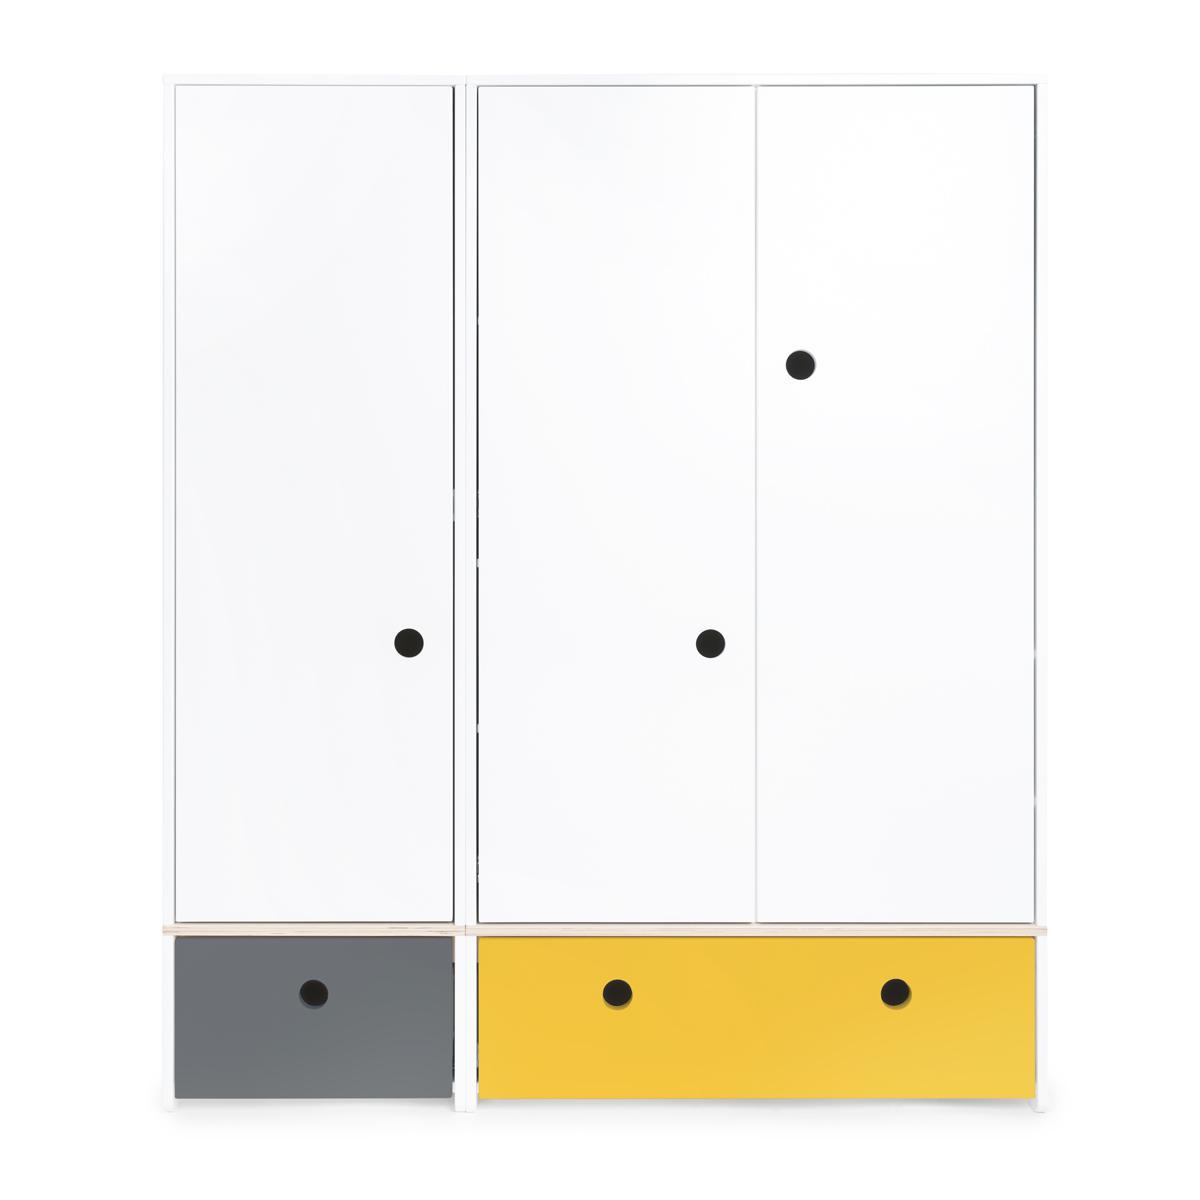 Kleiderschrank 3-türig COLORFLEX Abitare Kids Schubladen space grey-nectar yellow